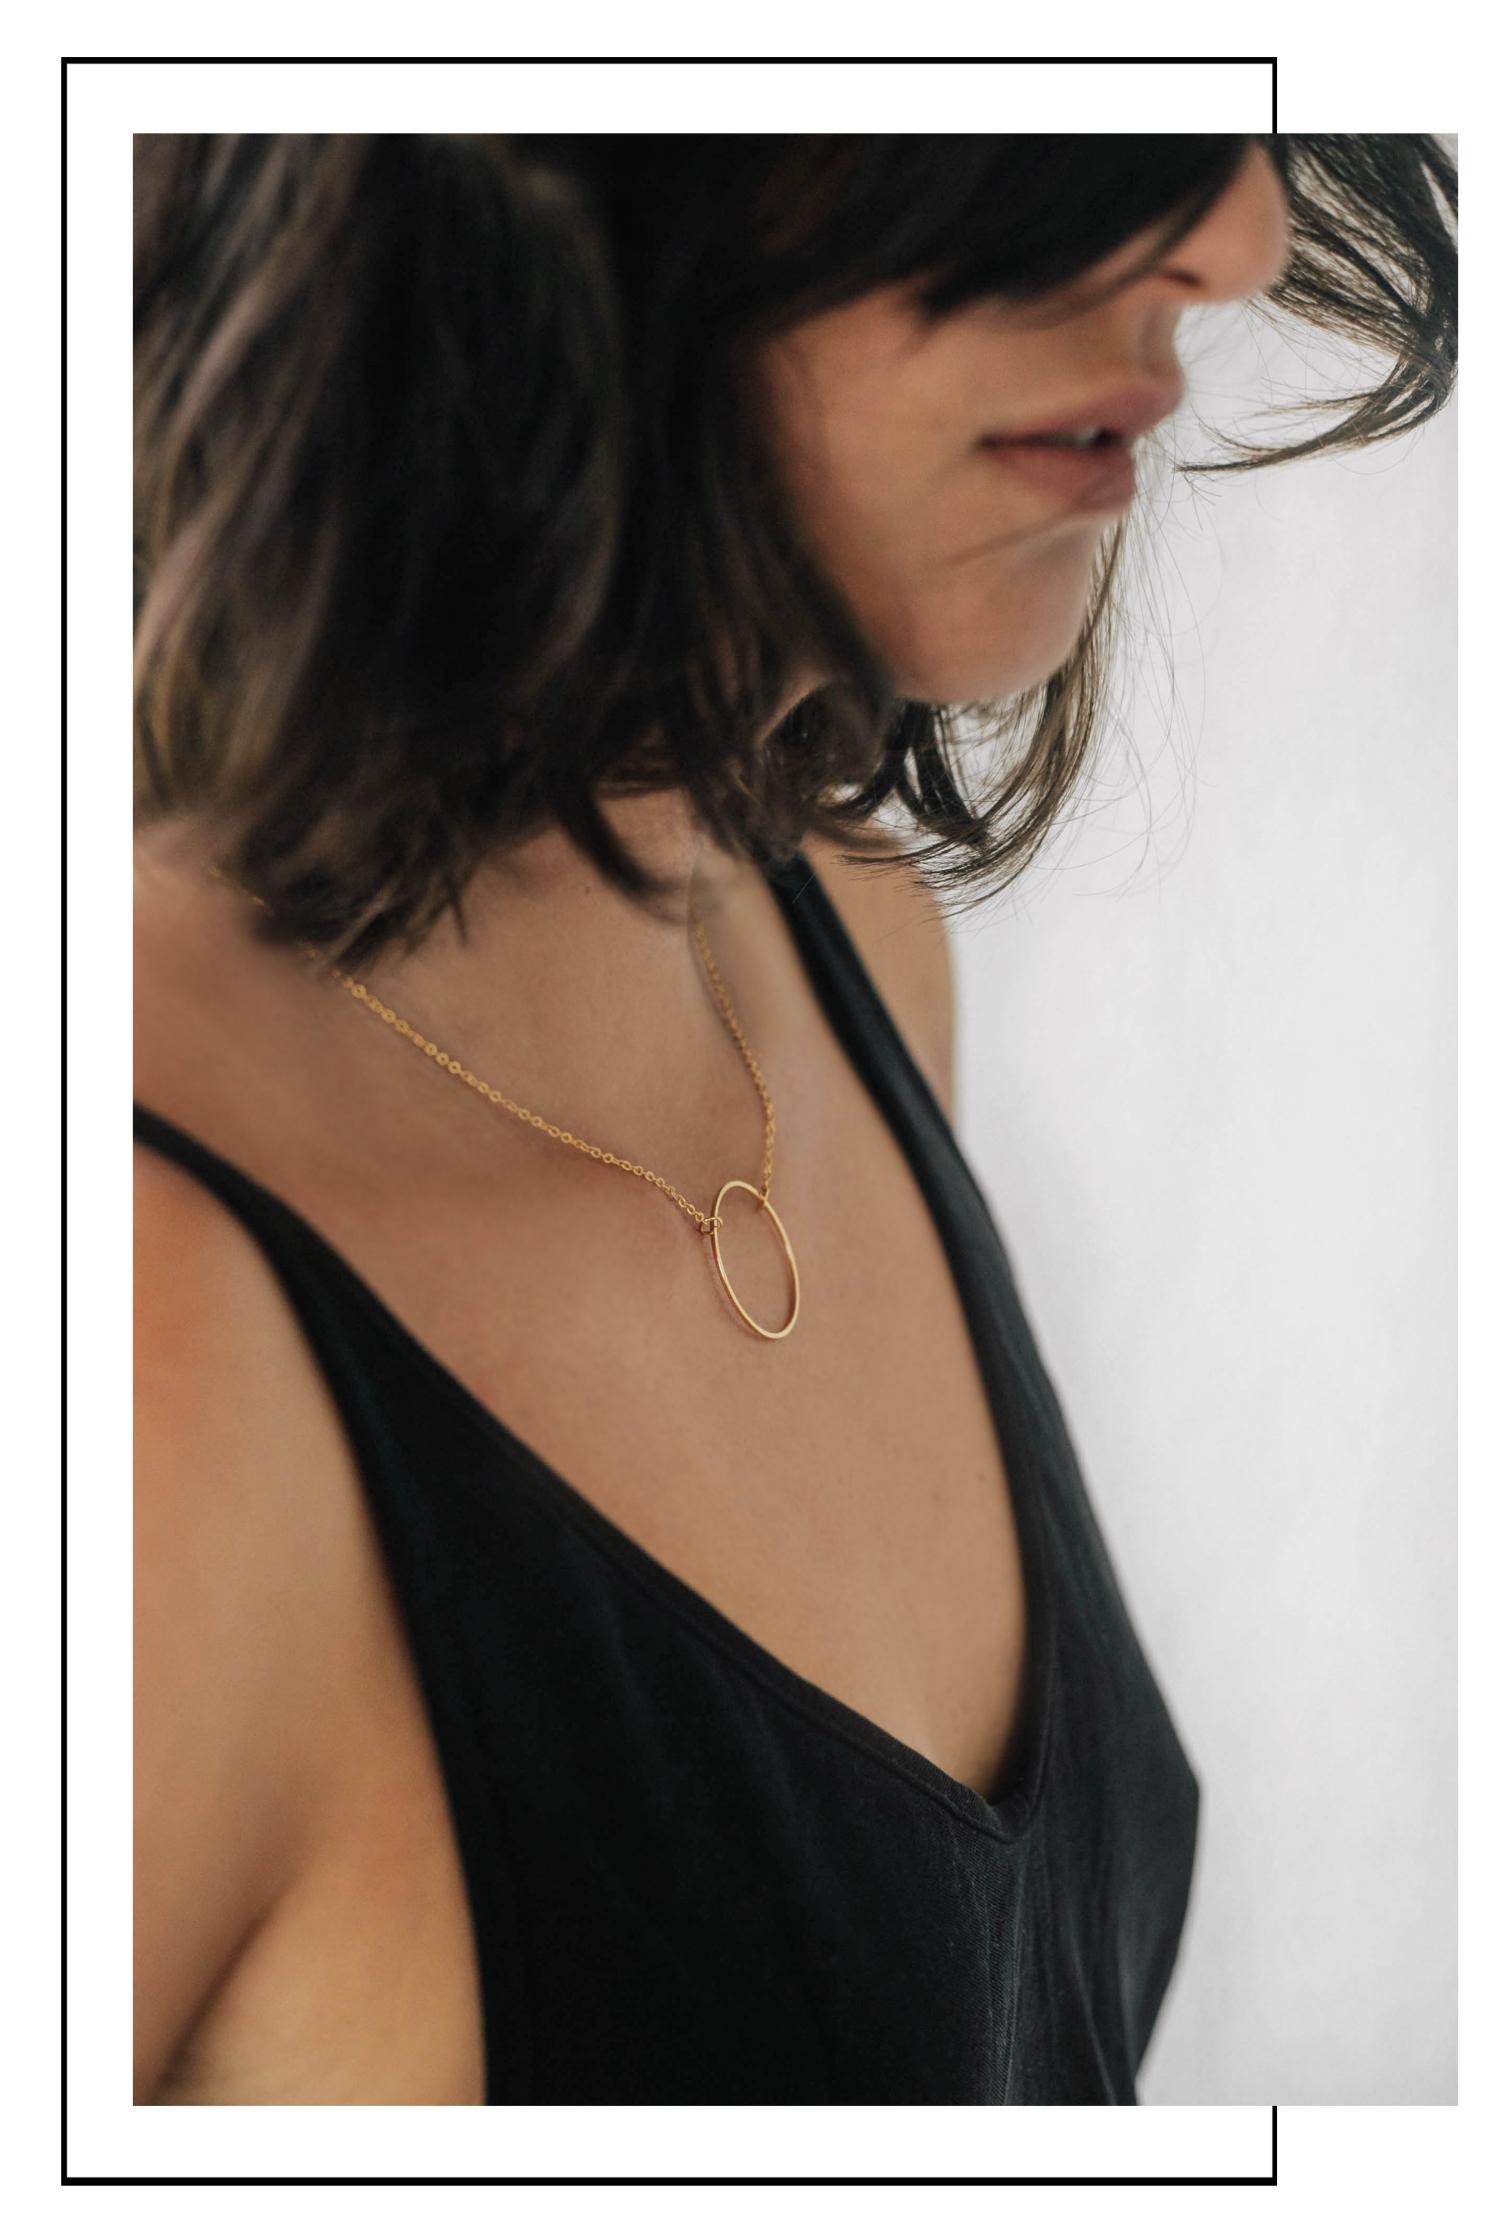 schöne Modeschmuck Halsketten Madeleine Issing